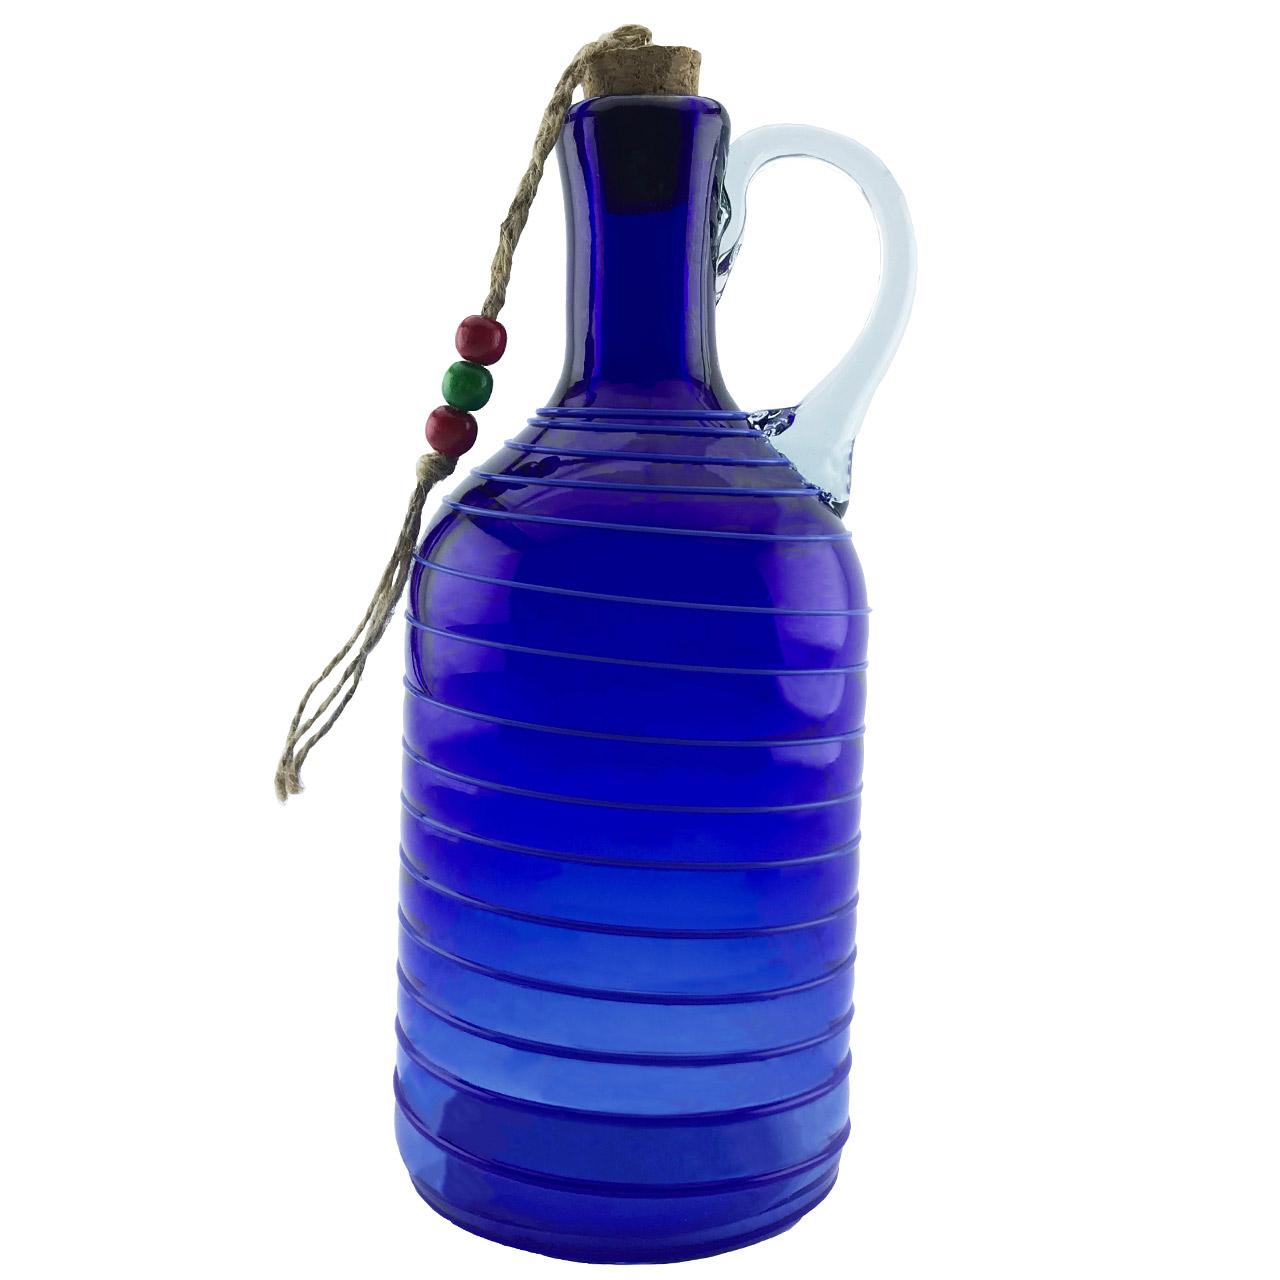 بطری شیشه ای طرح گرد نواری کد 637